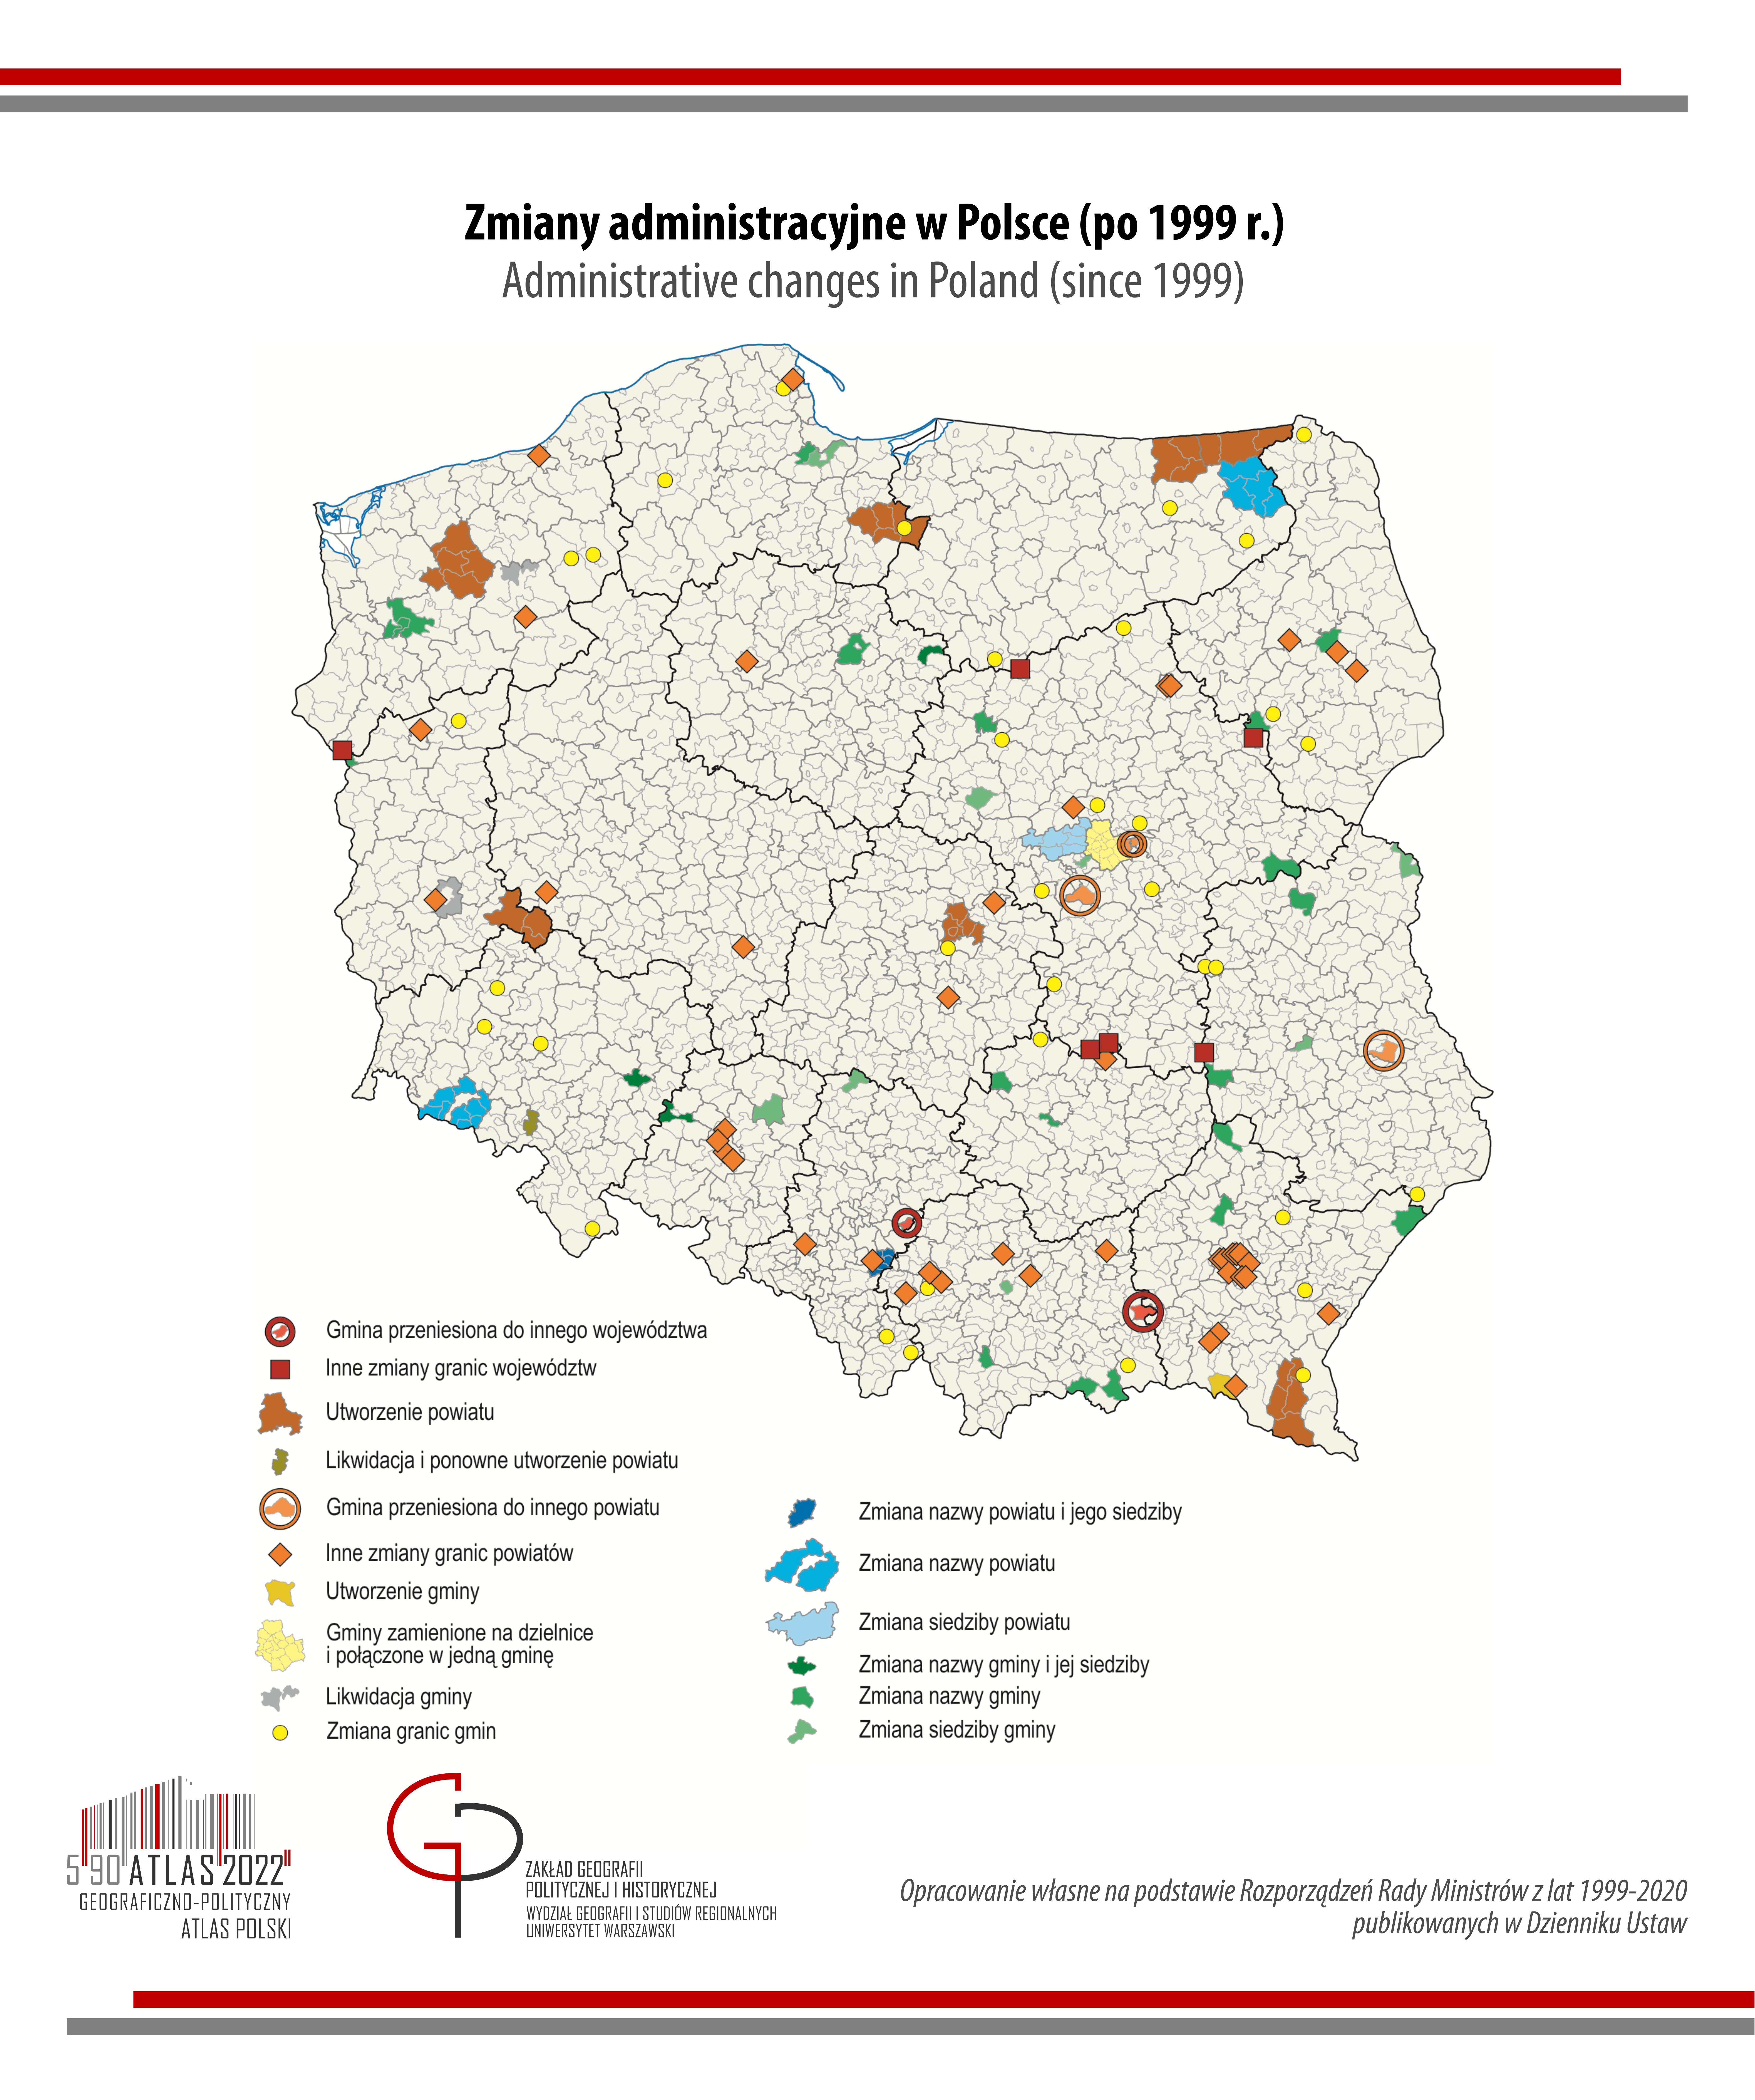 zmiany administracyjne w Polsce